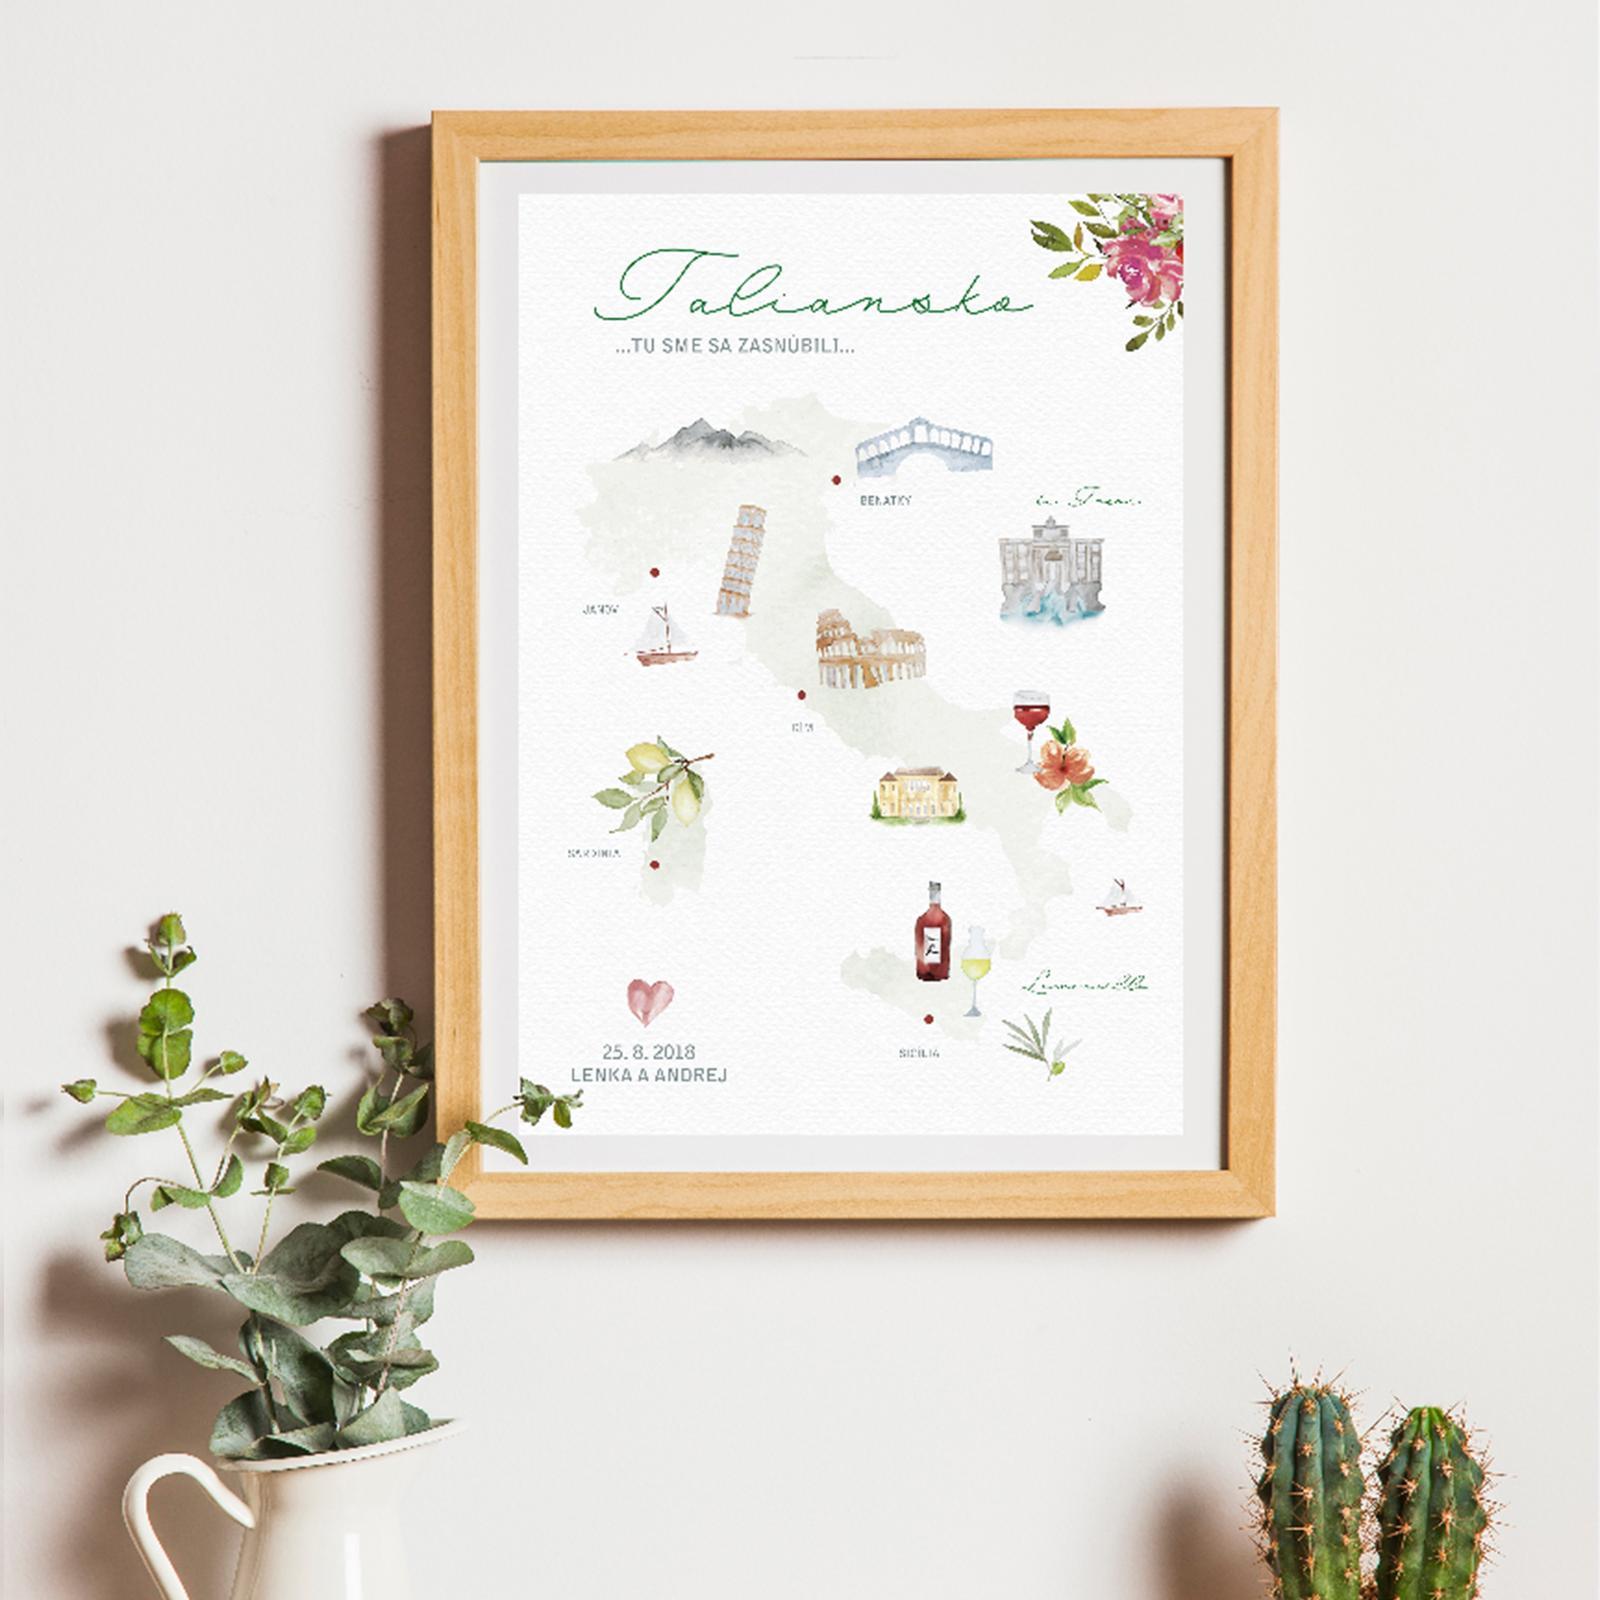 vanilkovy_kaktus - Obrázok č. 96